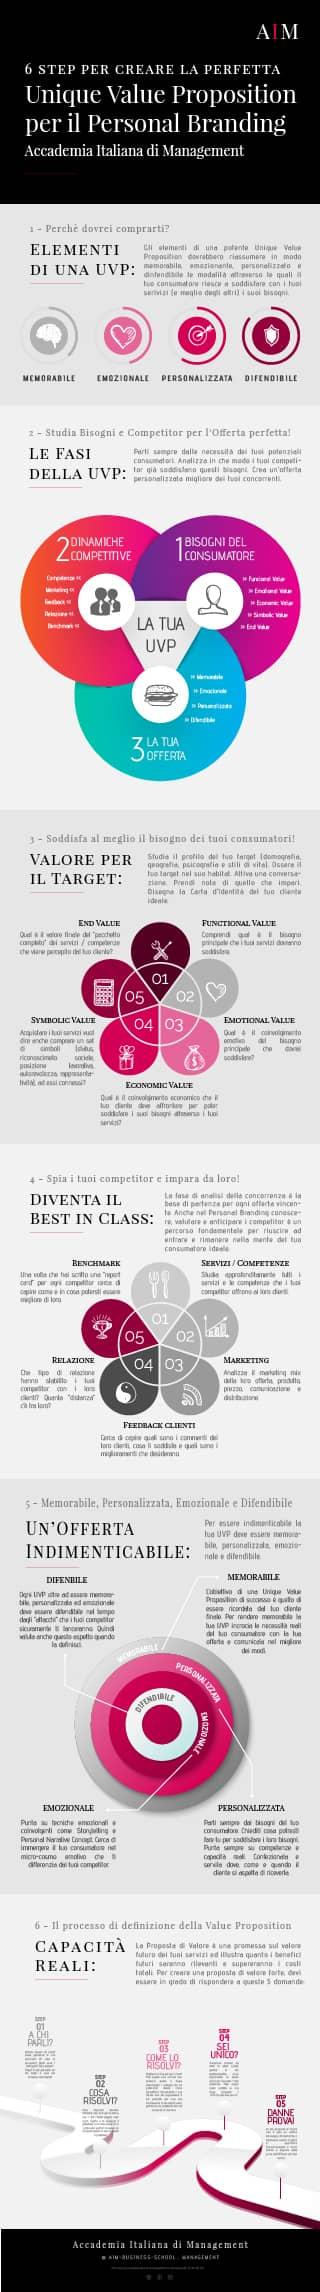 personal branding value proposition canvas cos'è significato esempi business school corso alta formazione mba master primo livello accademia italiana di management